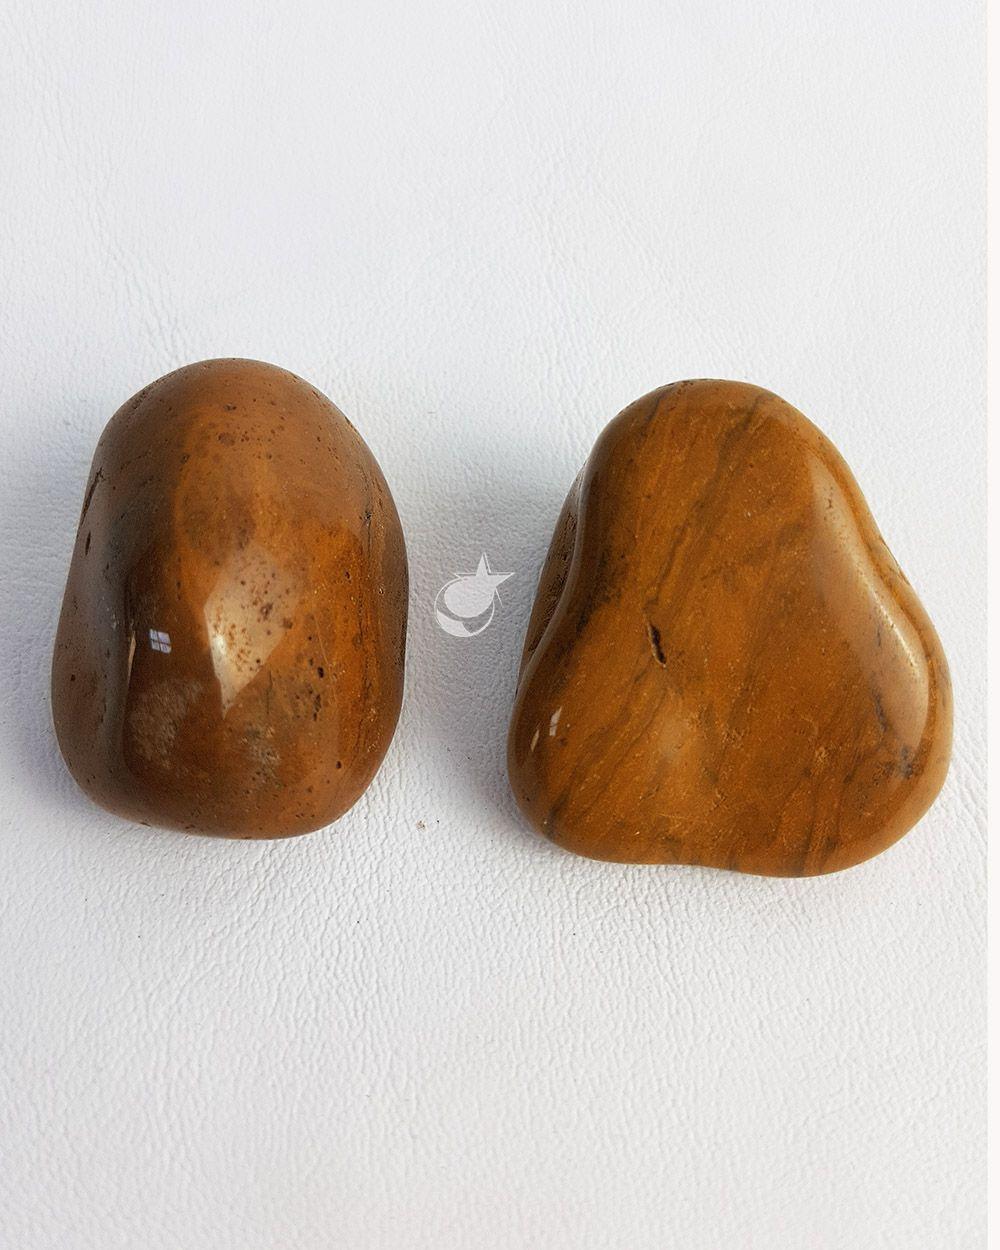 JASPE AMARELO ROLADO  - PACOTE 50g (2 pedras)